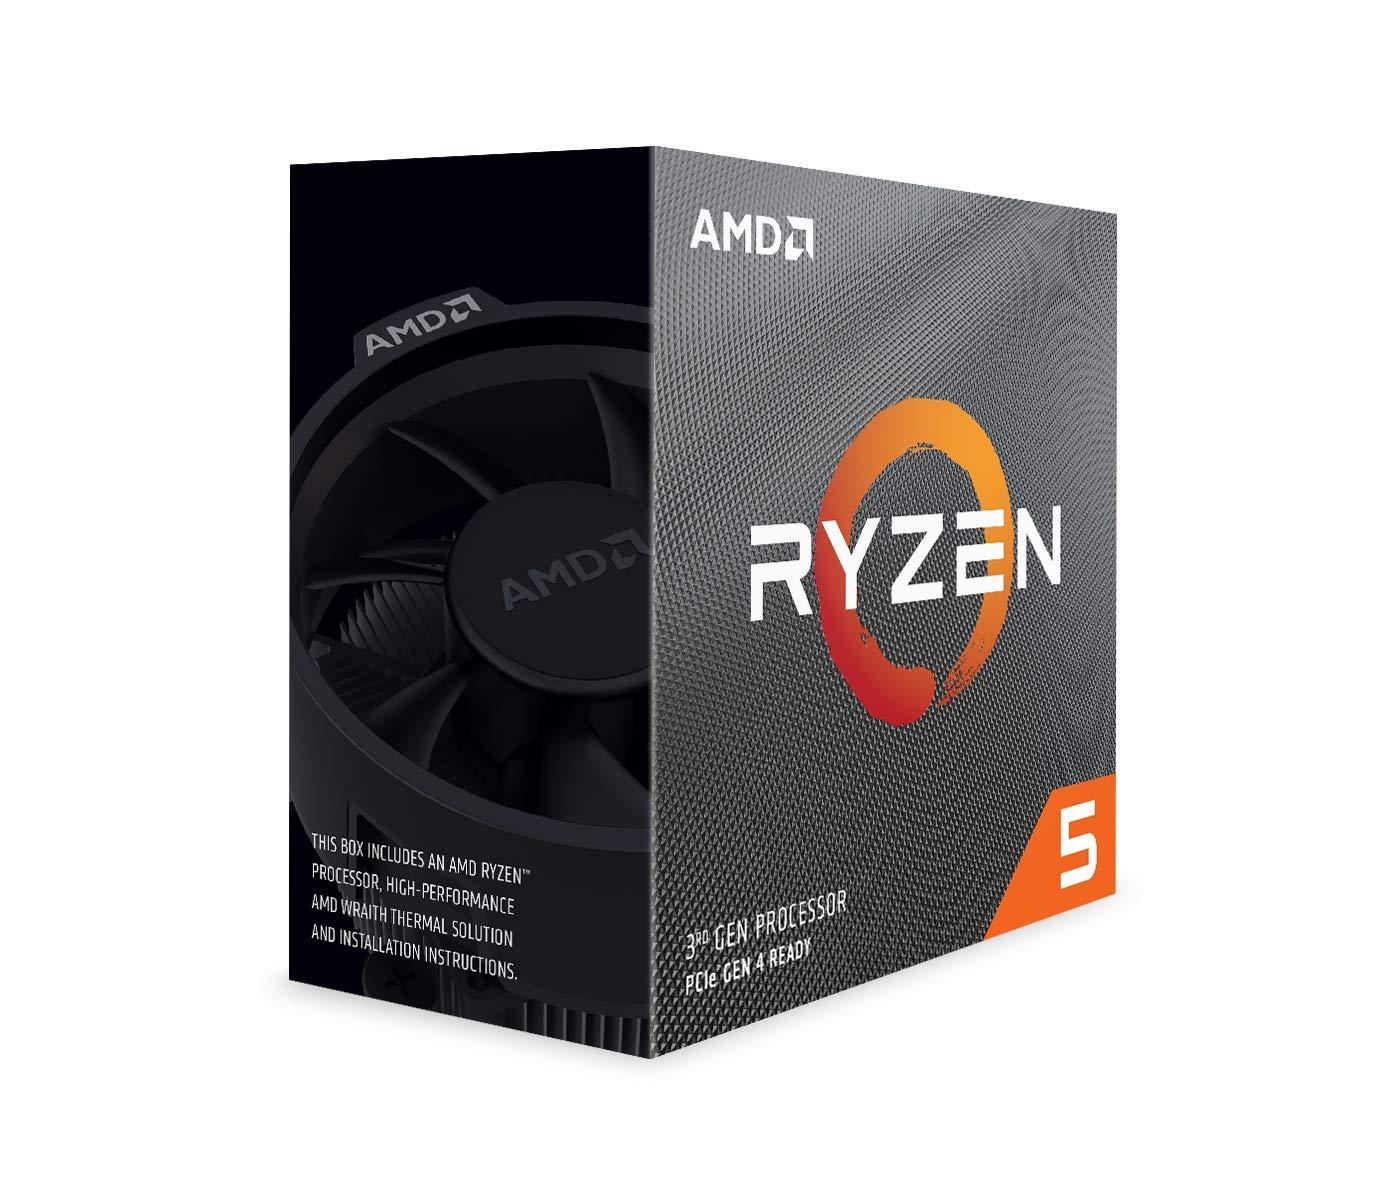 AMD Ryzen 5 3600 Processor (6C/12T, 35MB Cache, 4.2 GHz Max Boost) 100-100000031BOX £169.98 Amazon